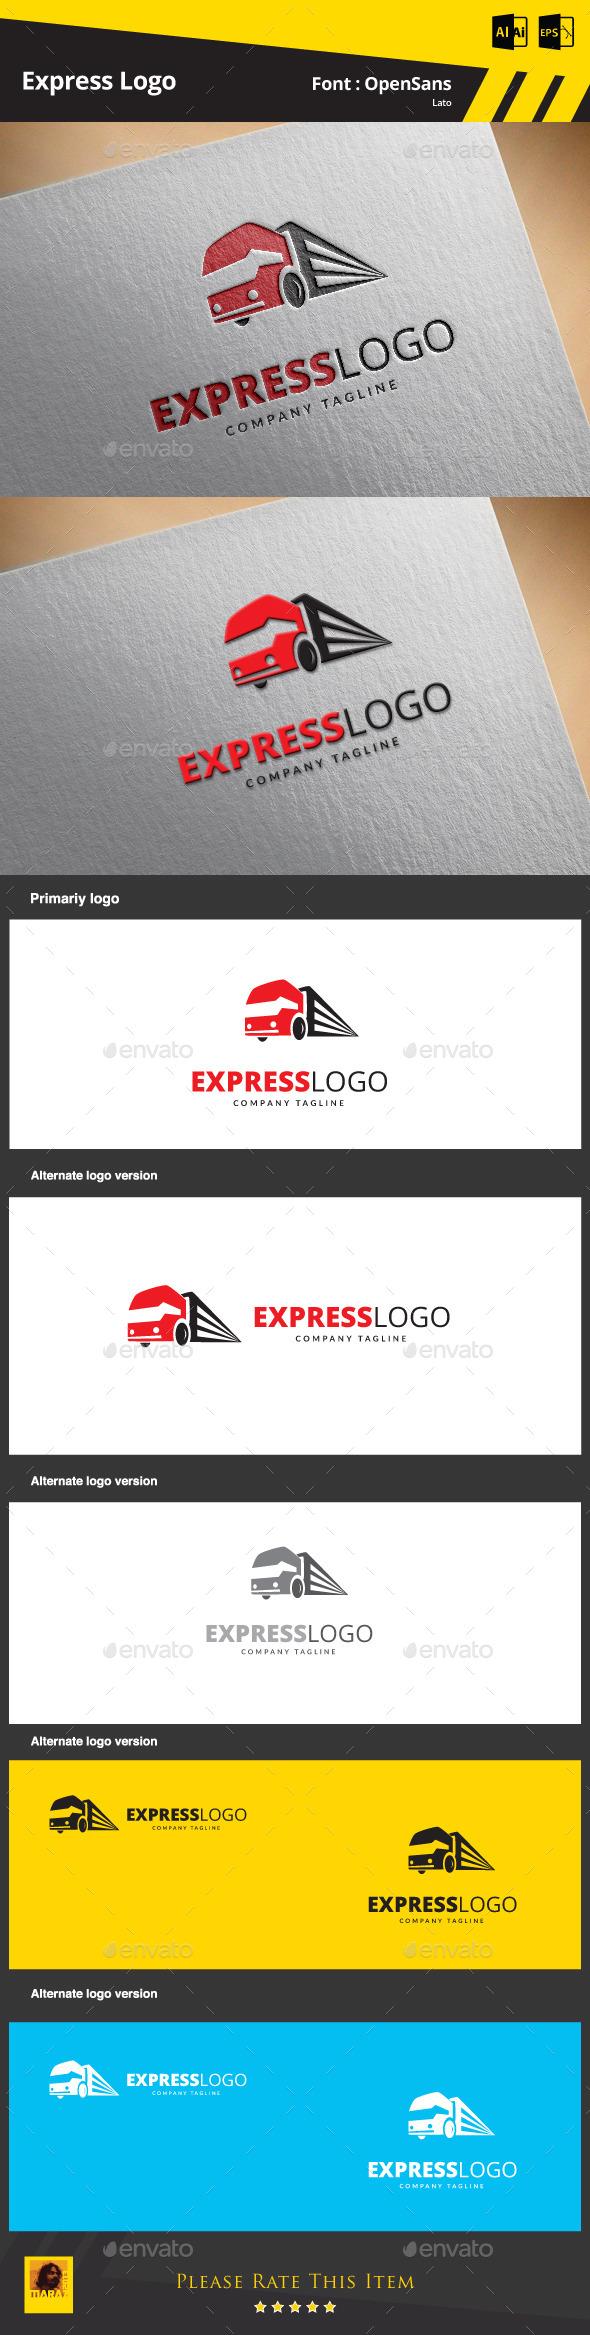 GraphicRiver Express Logo Template 9498504